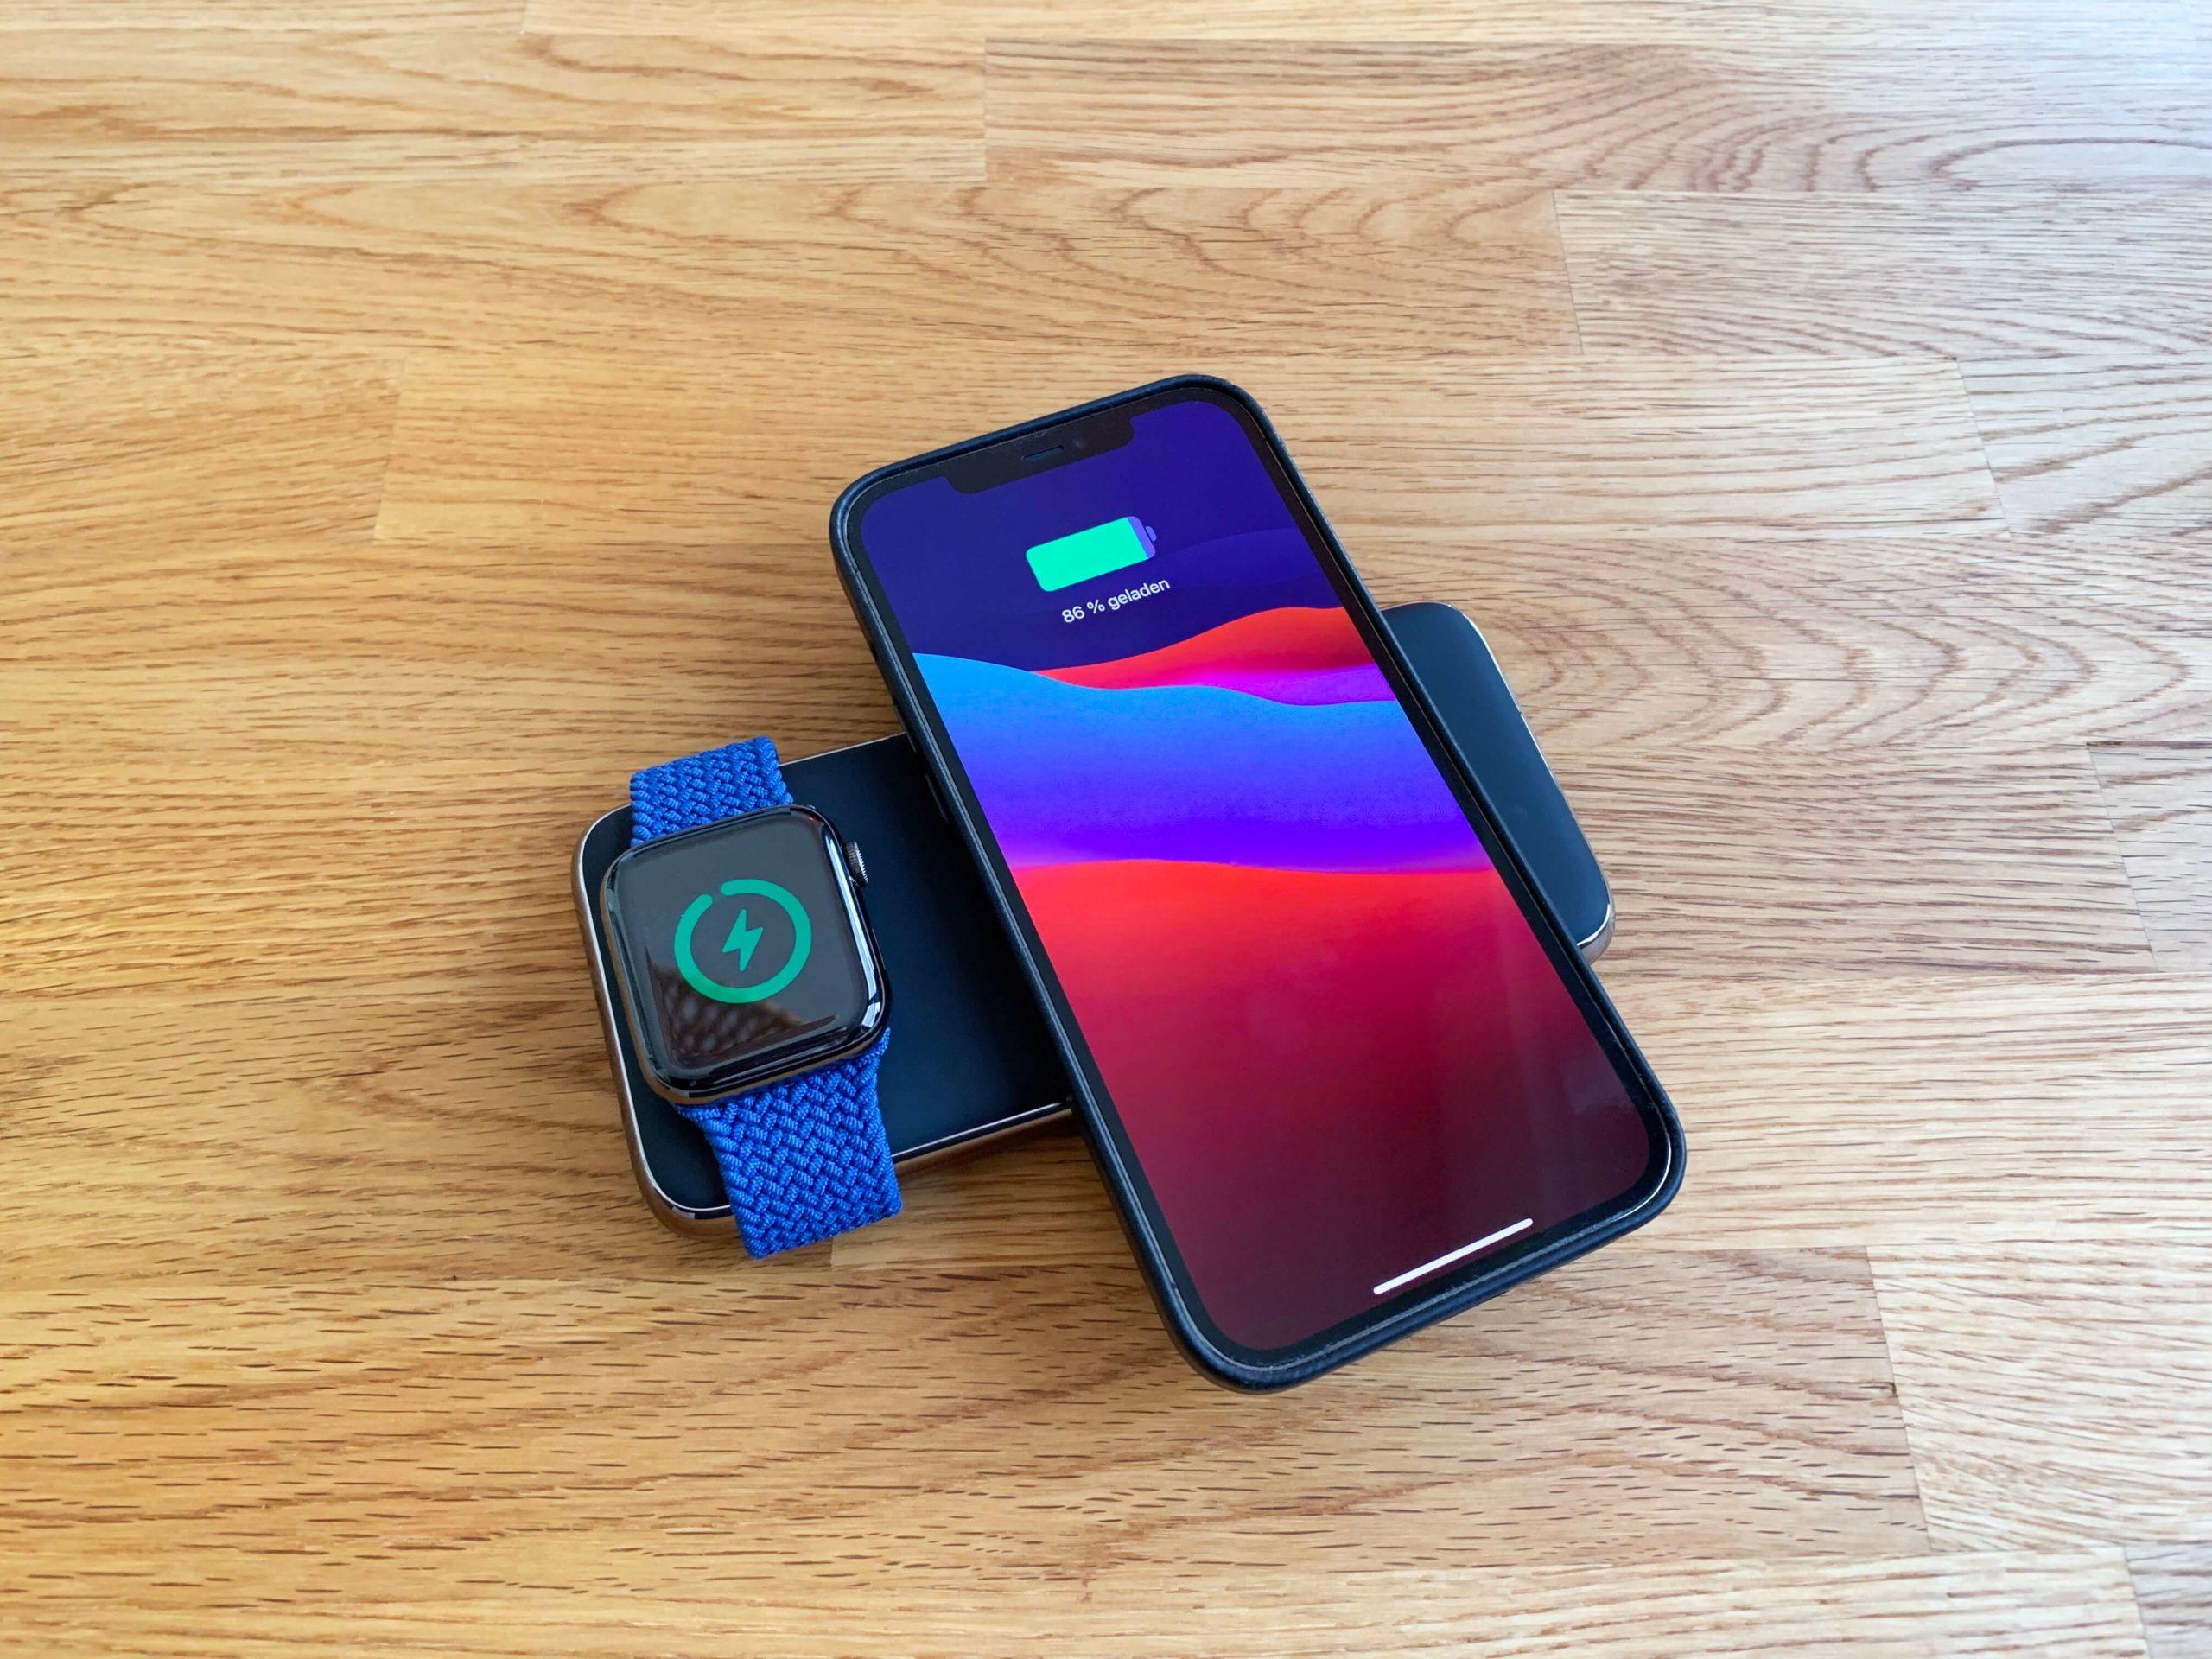 Quatro-Wireless-Power-Bank-von-Satechi-iPhone-und-Apple-Watch-kabellos-laden1-scaled Quatro Wireless Power Bank von Satechi - iPhone und Apple Watch kabellos laden